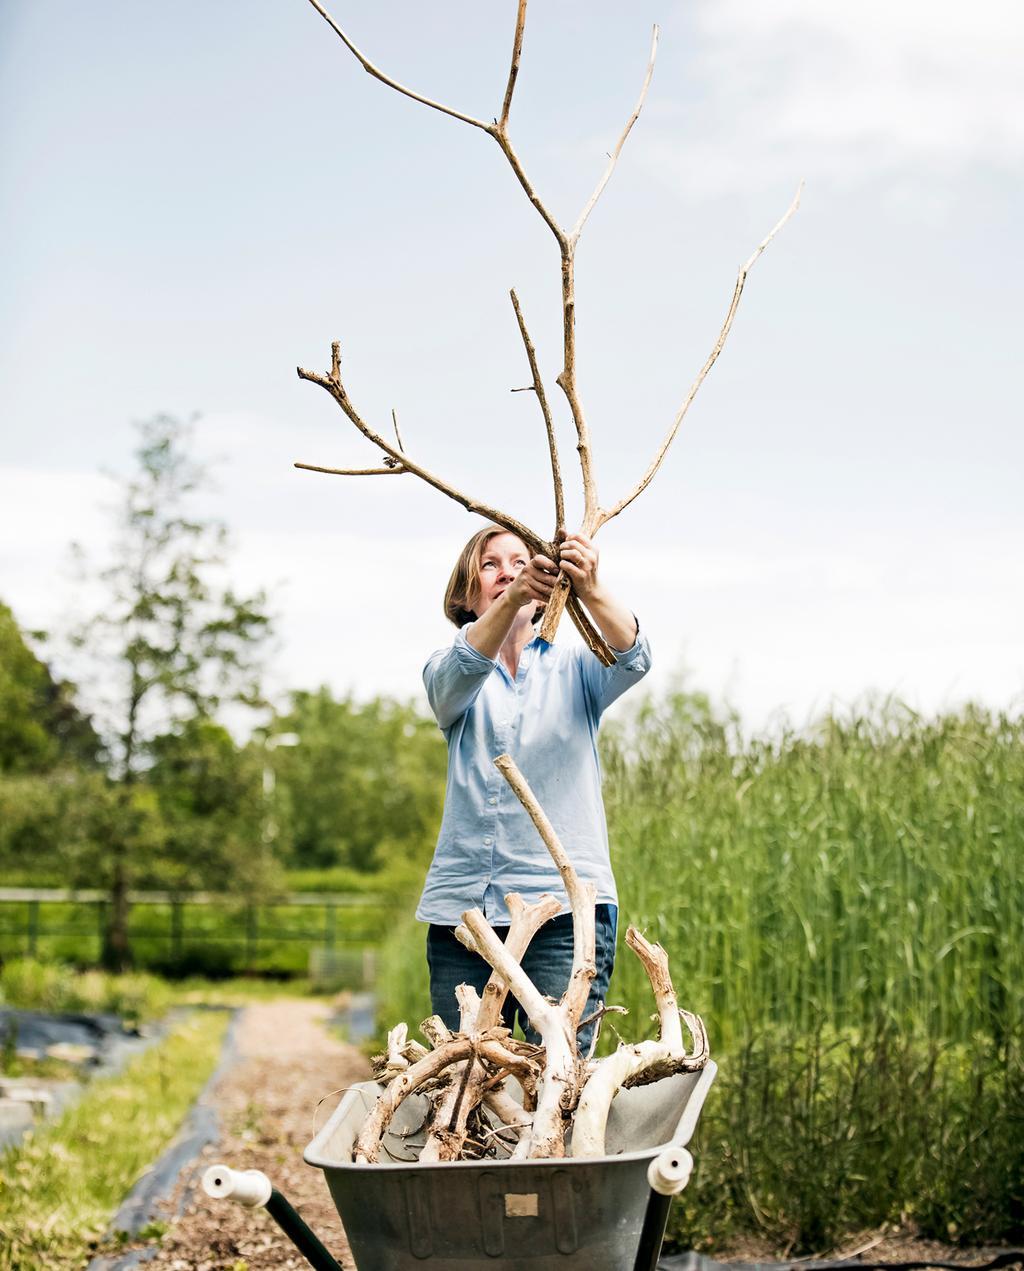 vtwonen 8-2019 | Ambacht Mariette & Denise zelfgekweekte biologische bloemen | buiten hoog gras